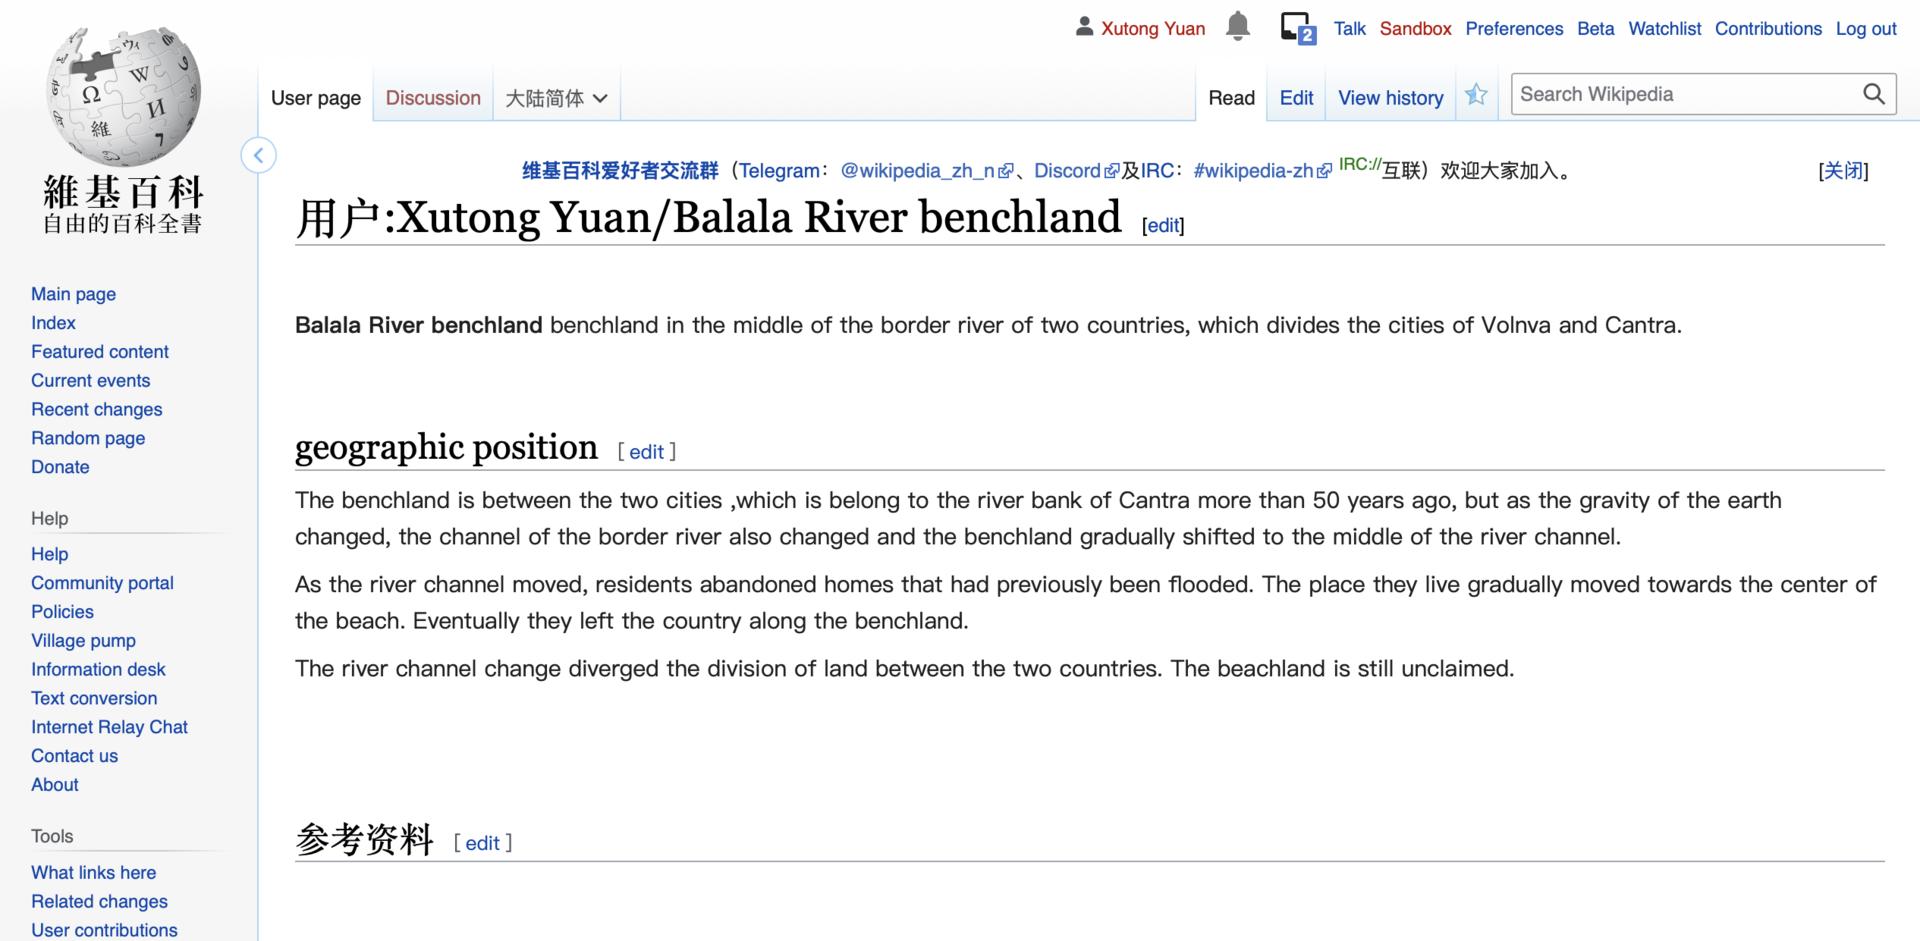 The Balala River in Wikipedia